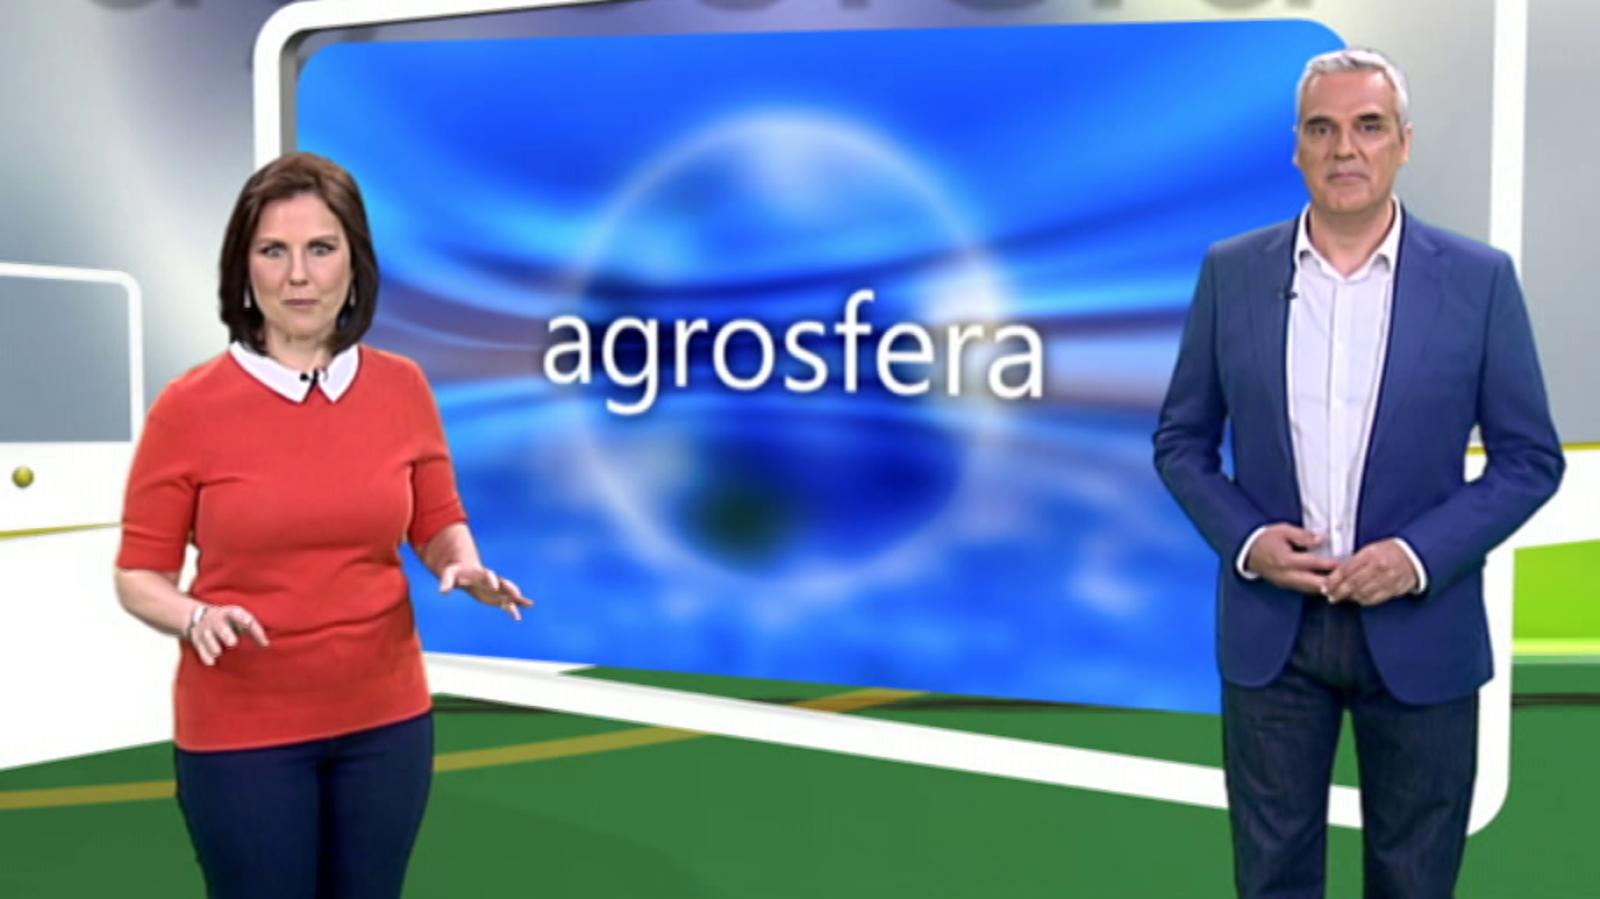 00ea18491 Para todos los públicos Agrosfera - 12 05 18 - ver ahora reproducir video